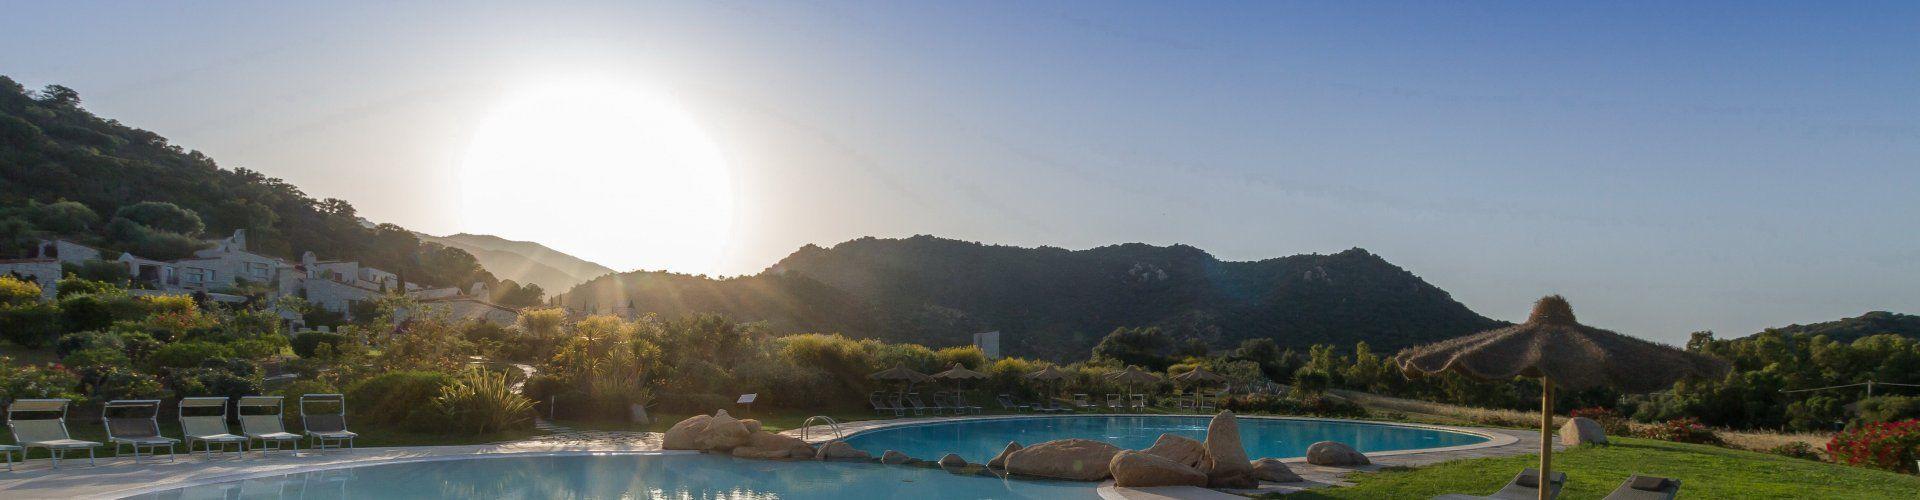 Ferienvilla im Villaggio in direkter Poolnähe in Cala Sinzias